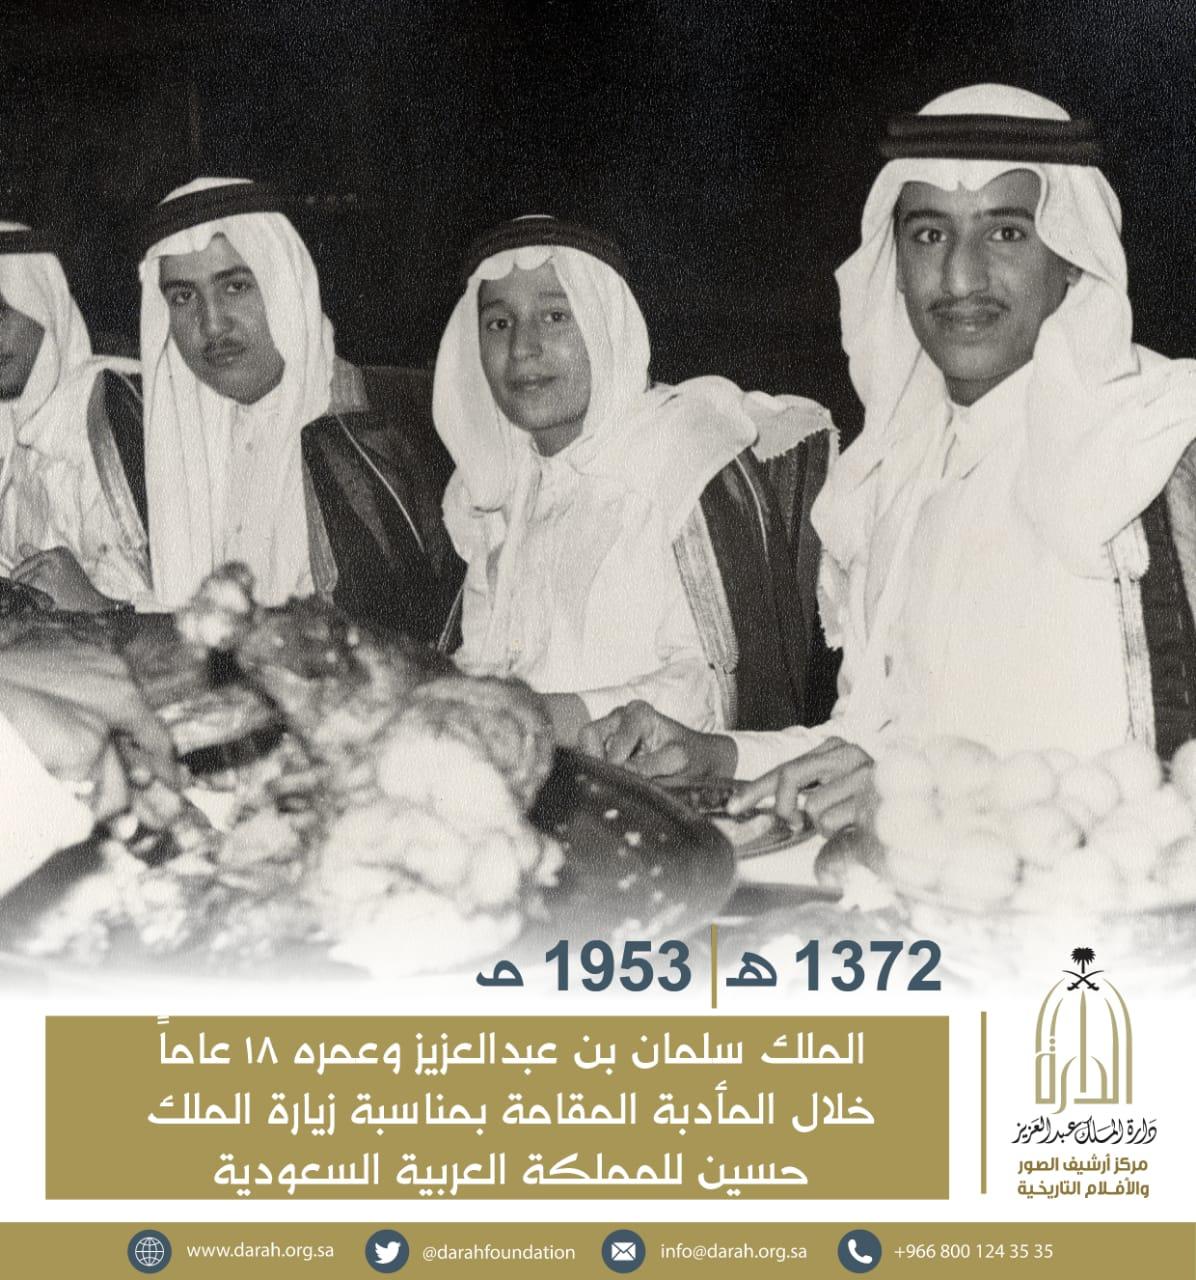 Редкая фотография Служителя Двух Святынь Короля Салмана бин Абдулазиза в возрасте 18 лет